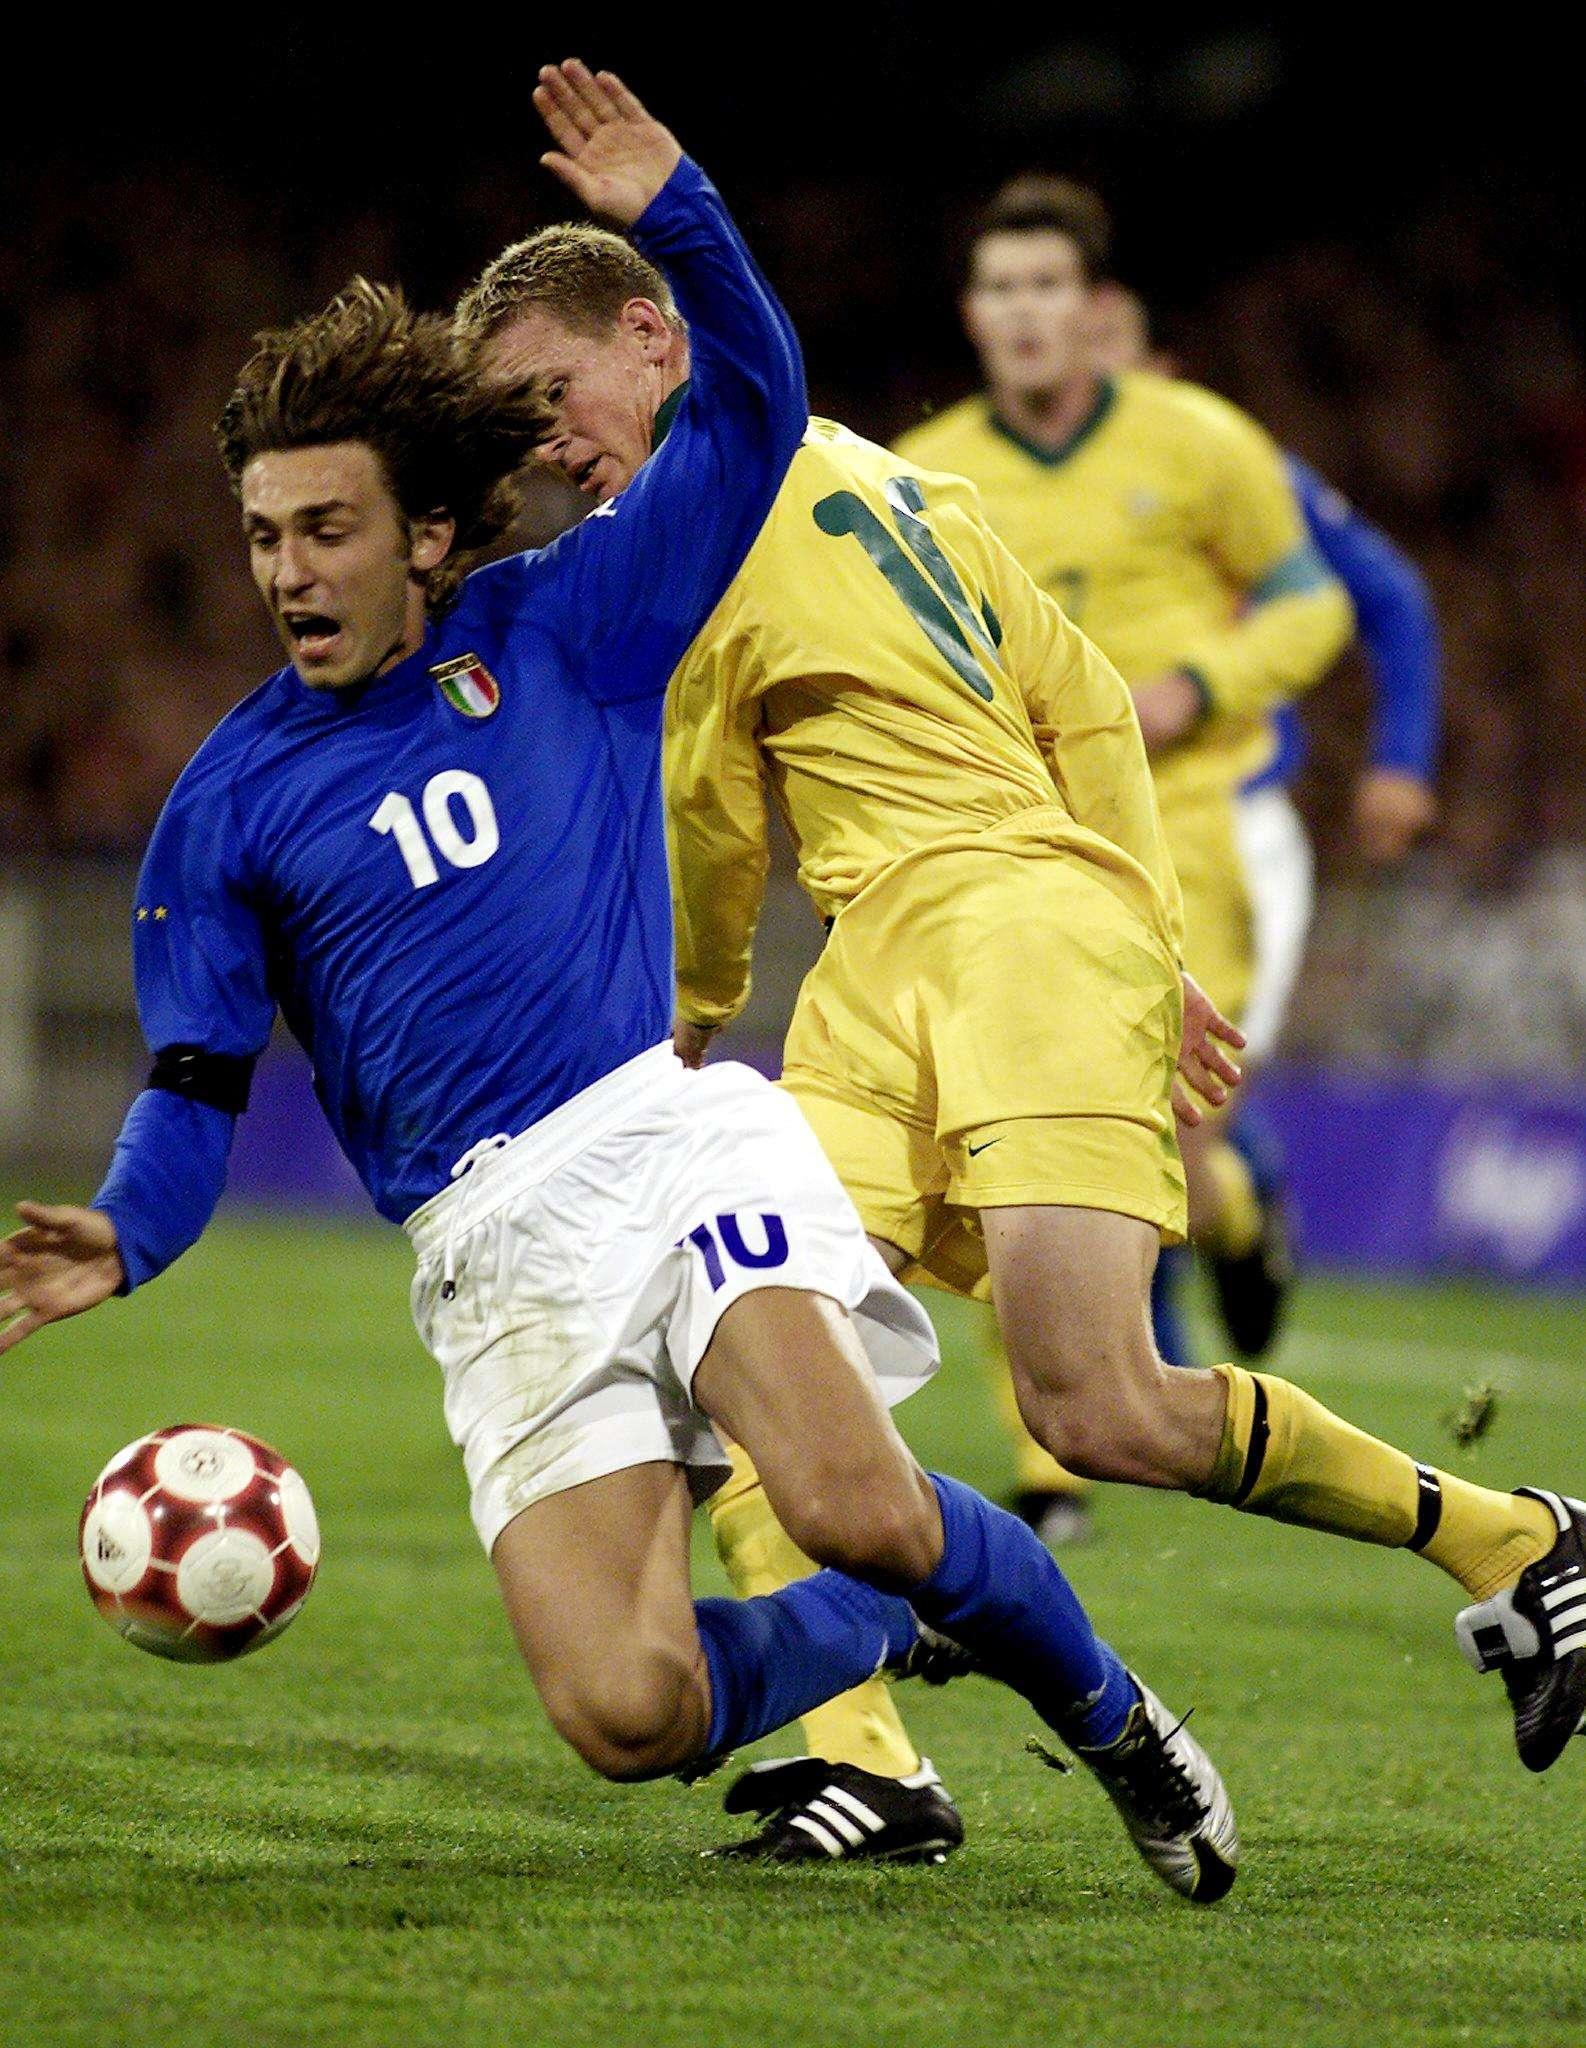 Toute l'élégance d'Andrea Pirlo, déjà, dans sa façon de tomber, ici aux Jeux olympiques 2000 avec l'Italie. Cette saison, Pirlo évoluait au New York City FC mais arrivé en fin de contrat, il a laissé entendre qu'il ne chausserait plus ses crampons. Sans annoncer officiellement, pour l'instant, sa retraite.